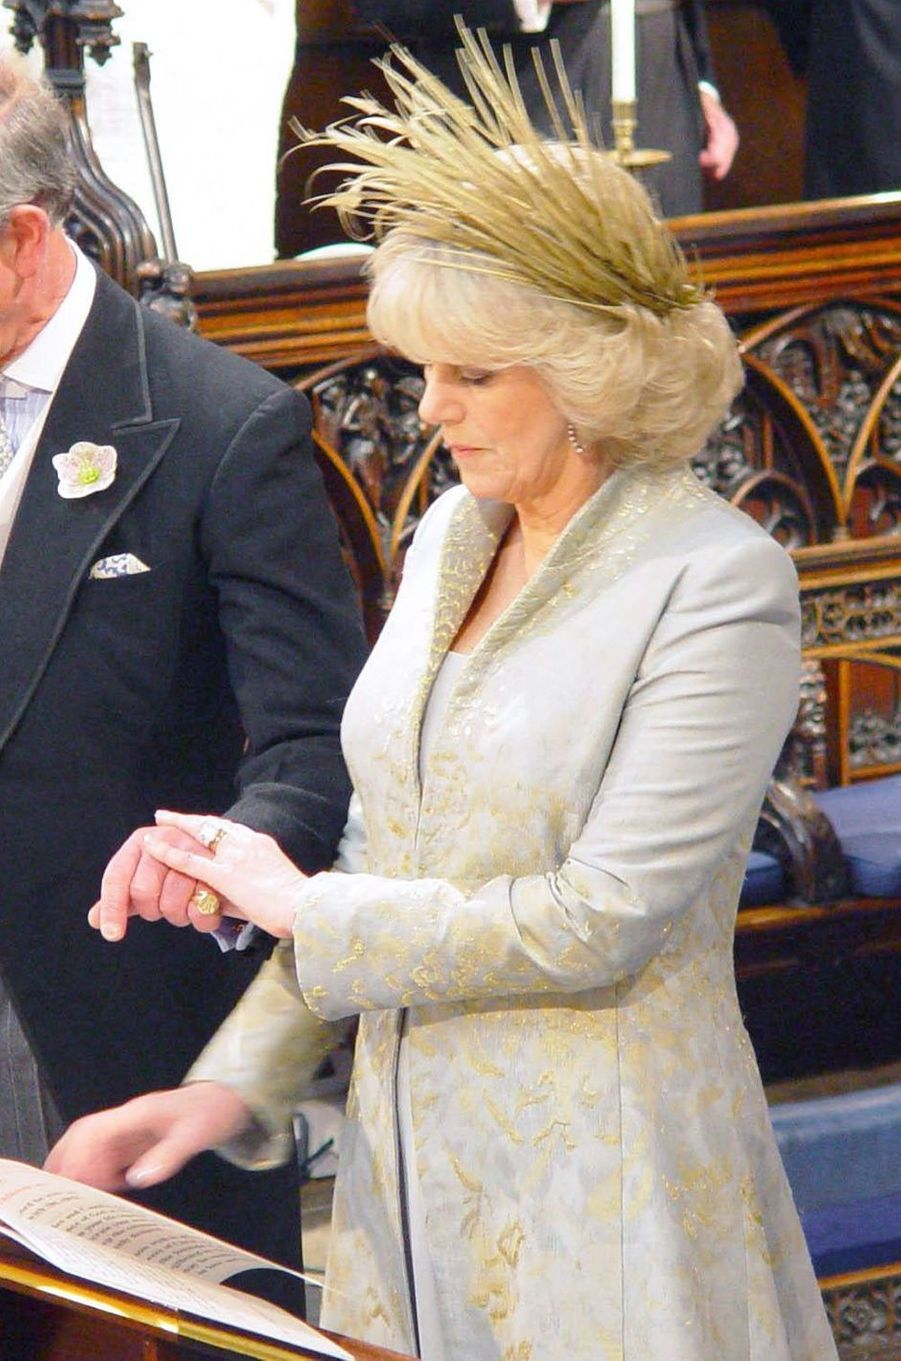 Camilla Parker Bowles lors de la cérémonie religieuse de son mariage avec le prince Charles, le 9 avril 2005